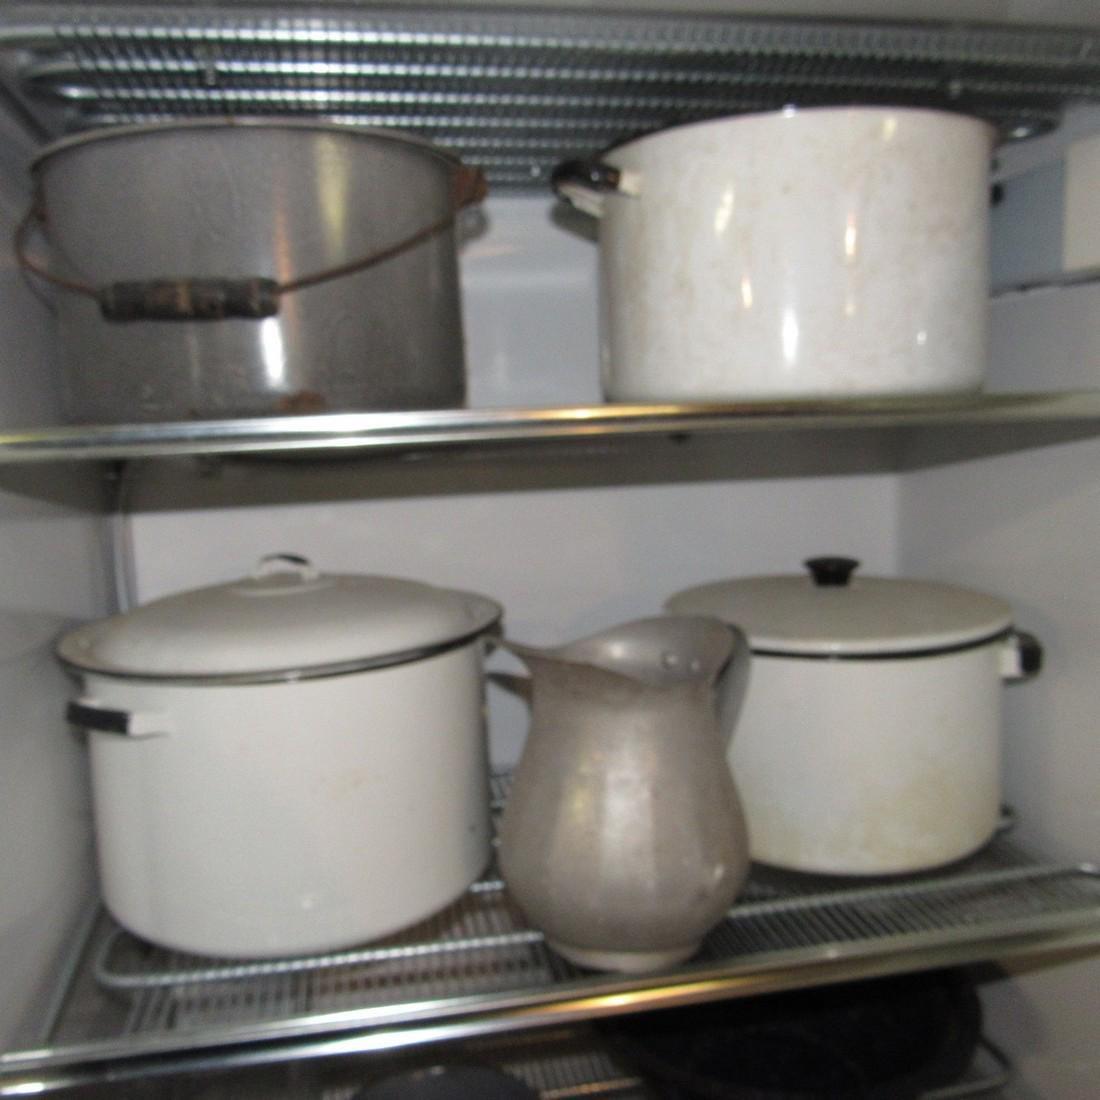 Lot of Agateware Pots Pans Misc - 2